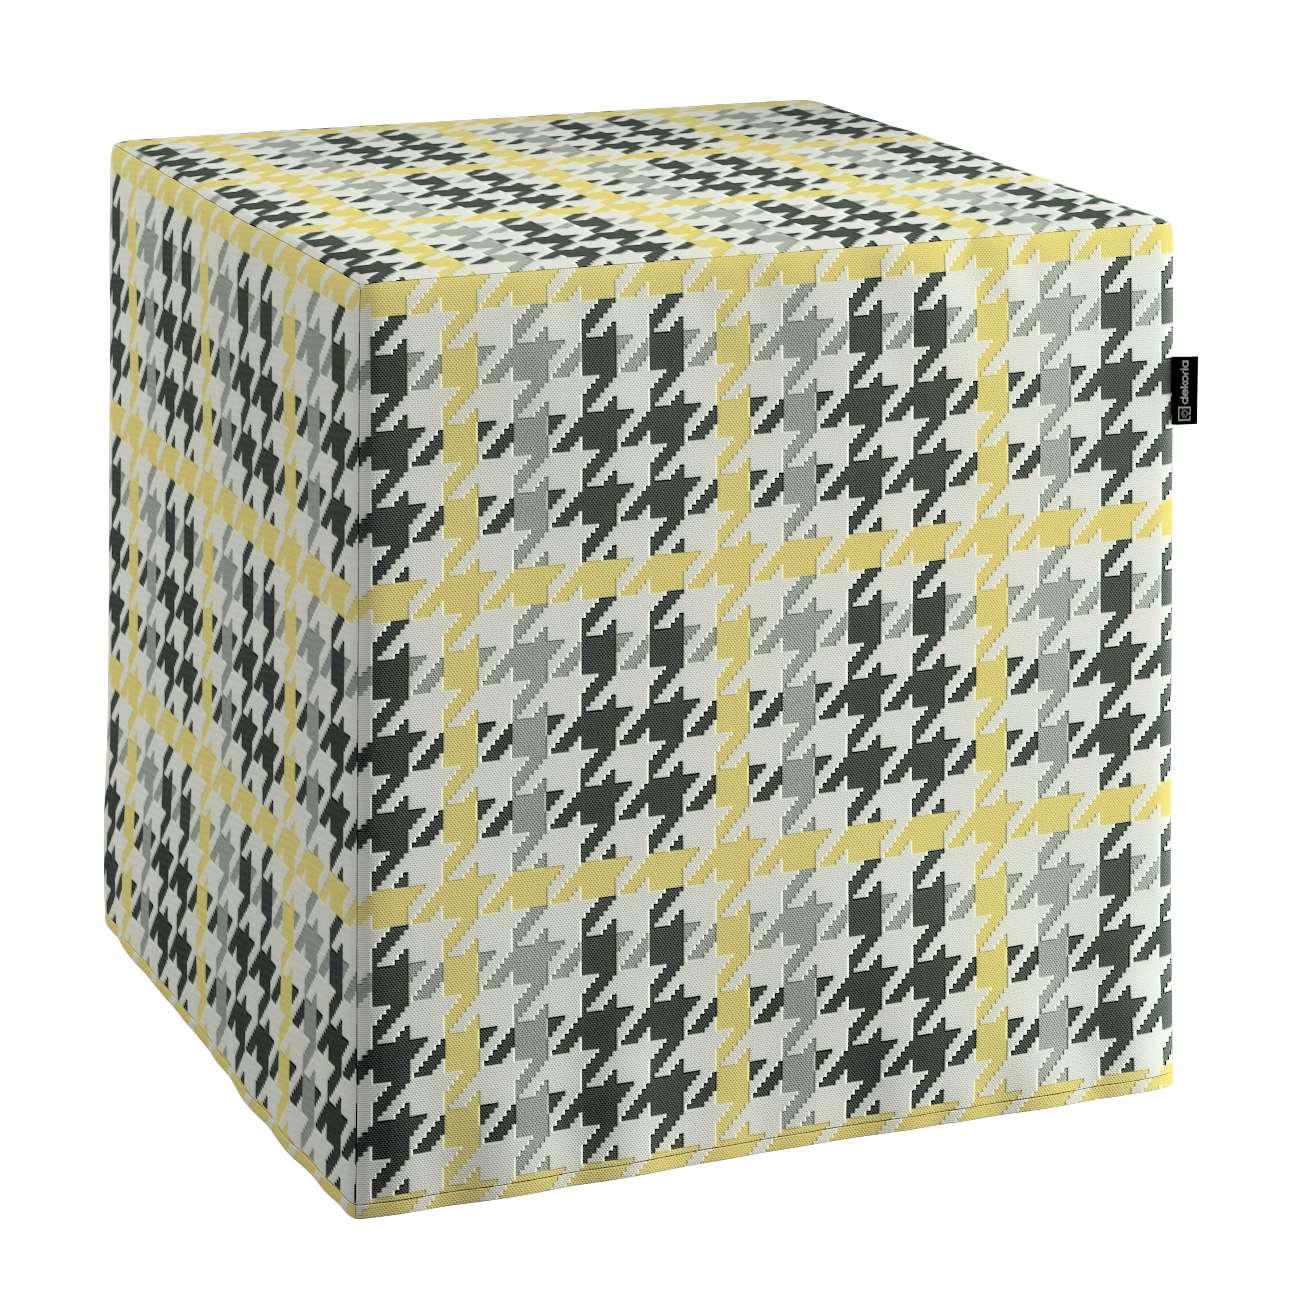 Sedák kostka - pevná 40x40x40 40 x 40 x 40 cm v kolekci Brooklyn, látka: 137-79